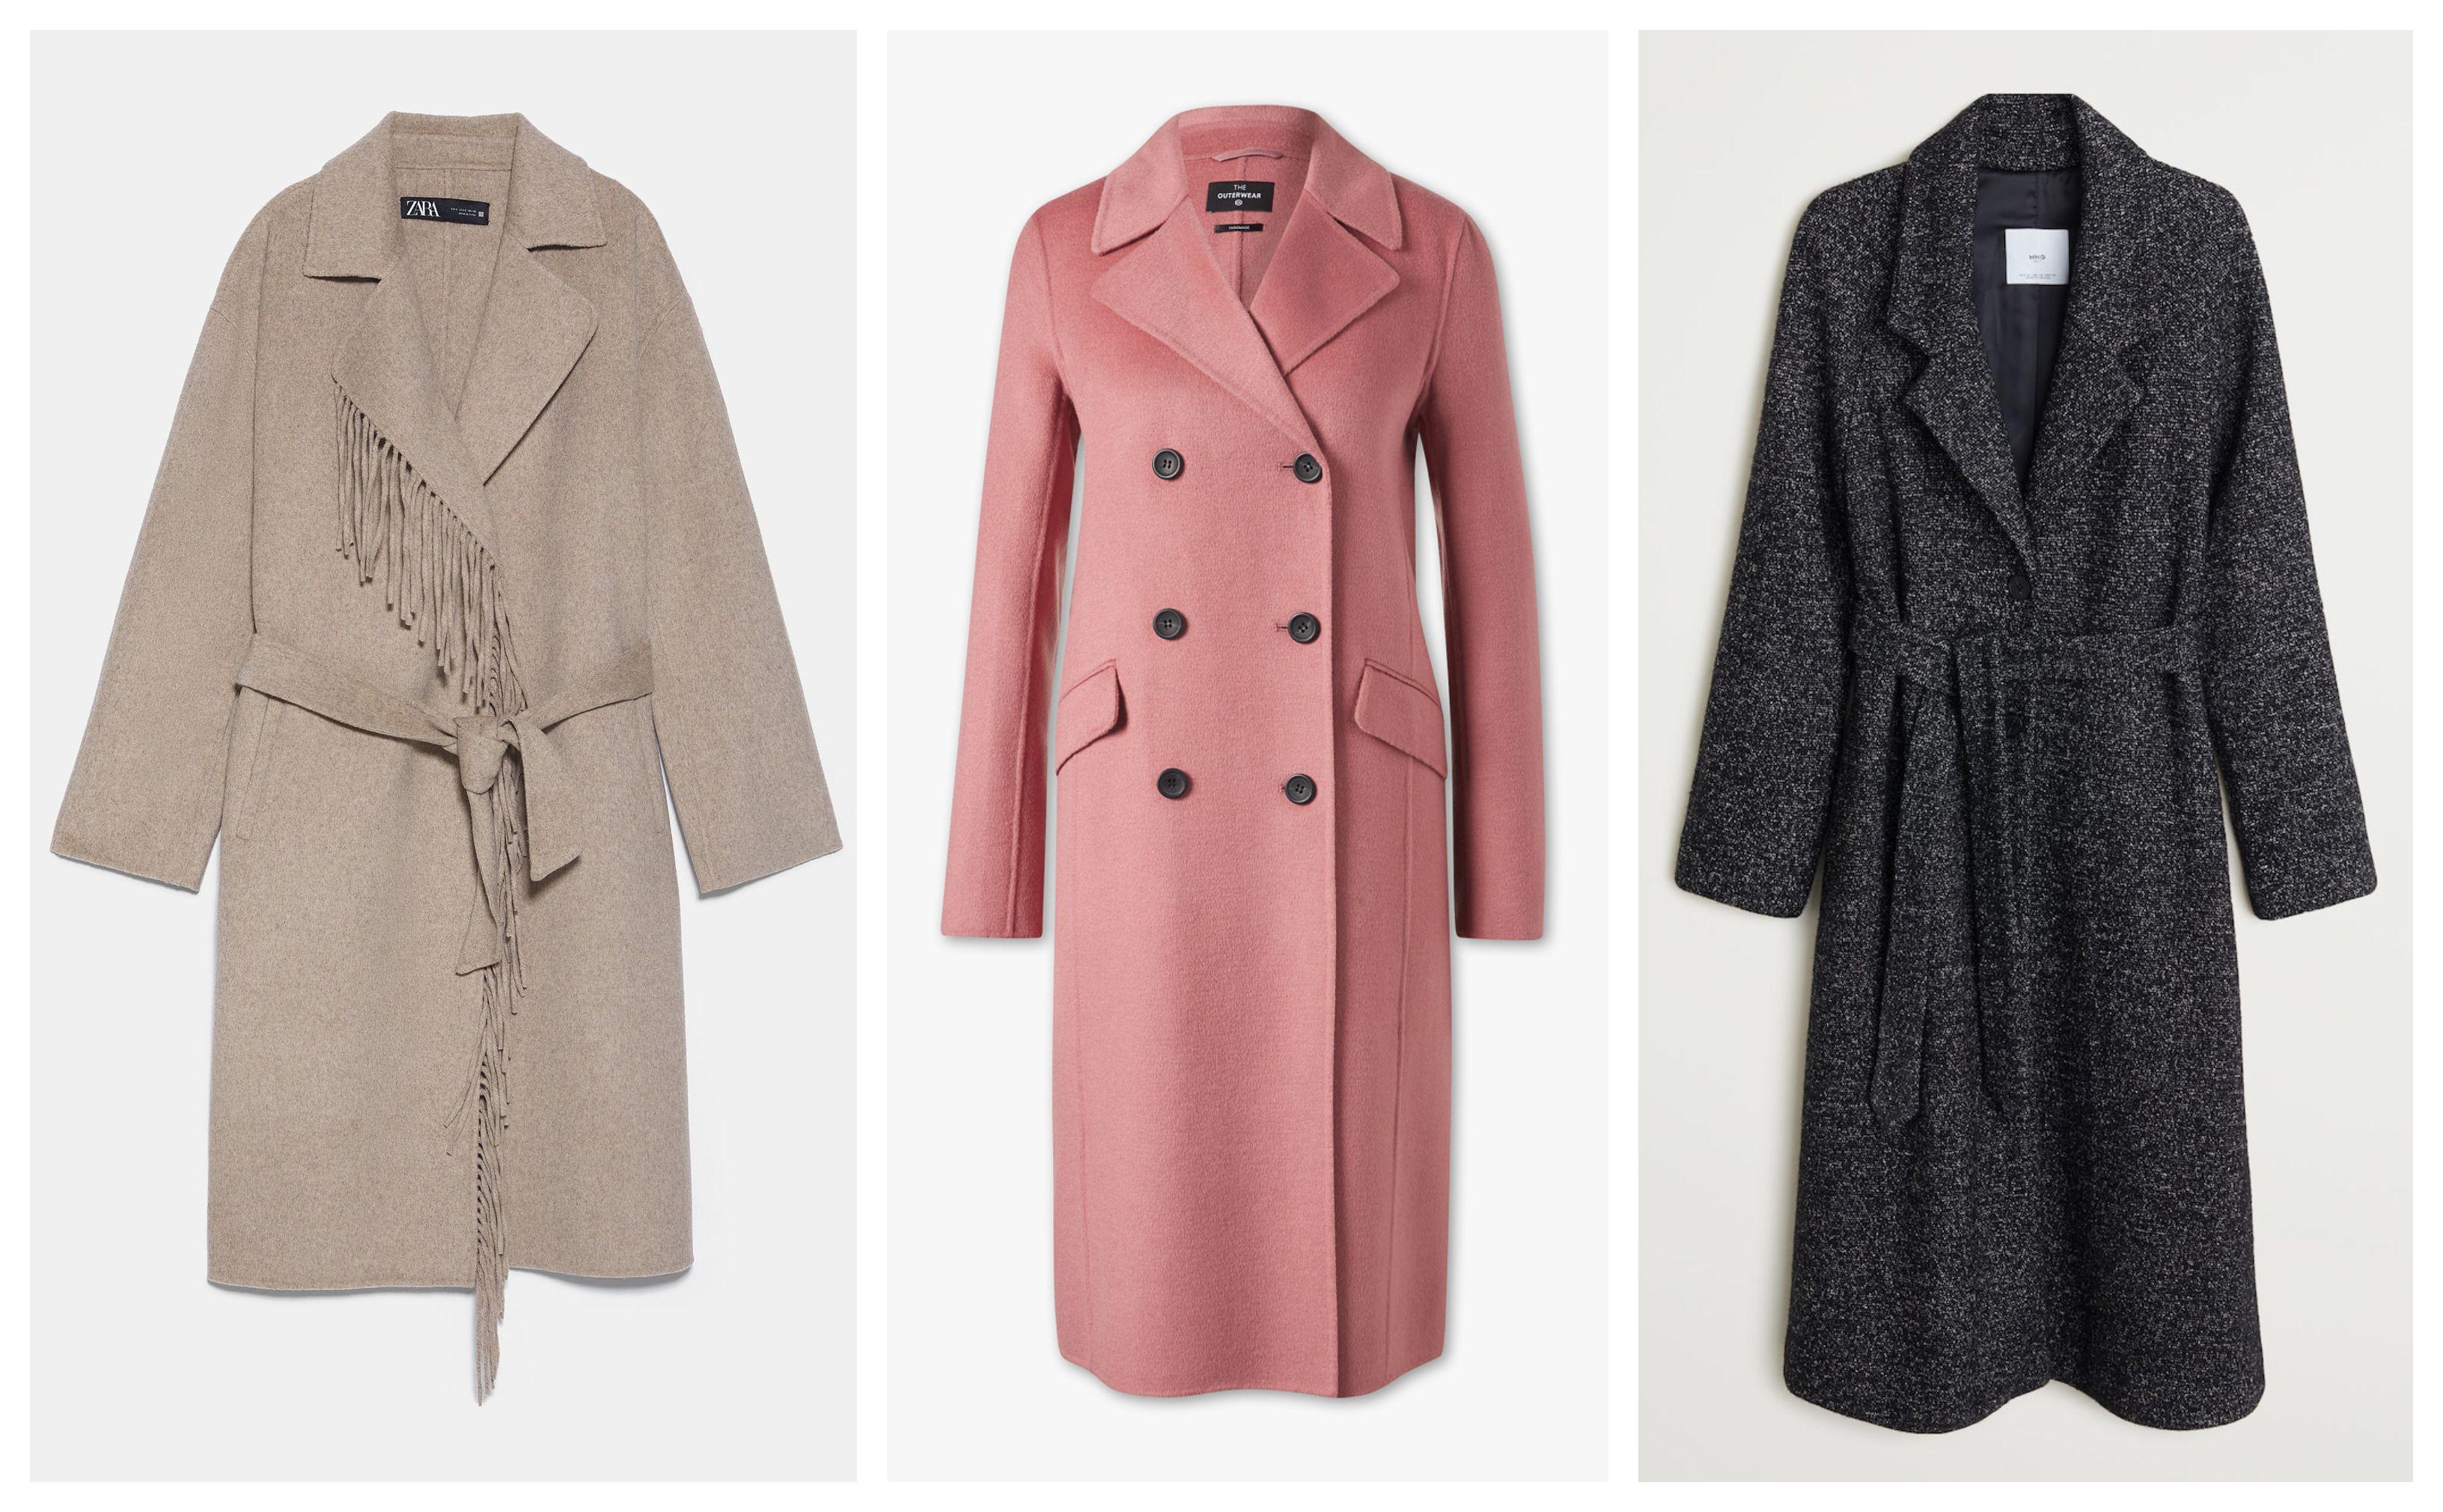 Topli, kvalitetni i upečatljivi! Kaputi i ove zime dominiraju odjevnim kombinacijama